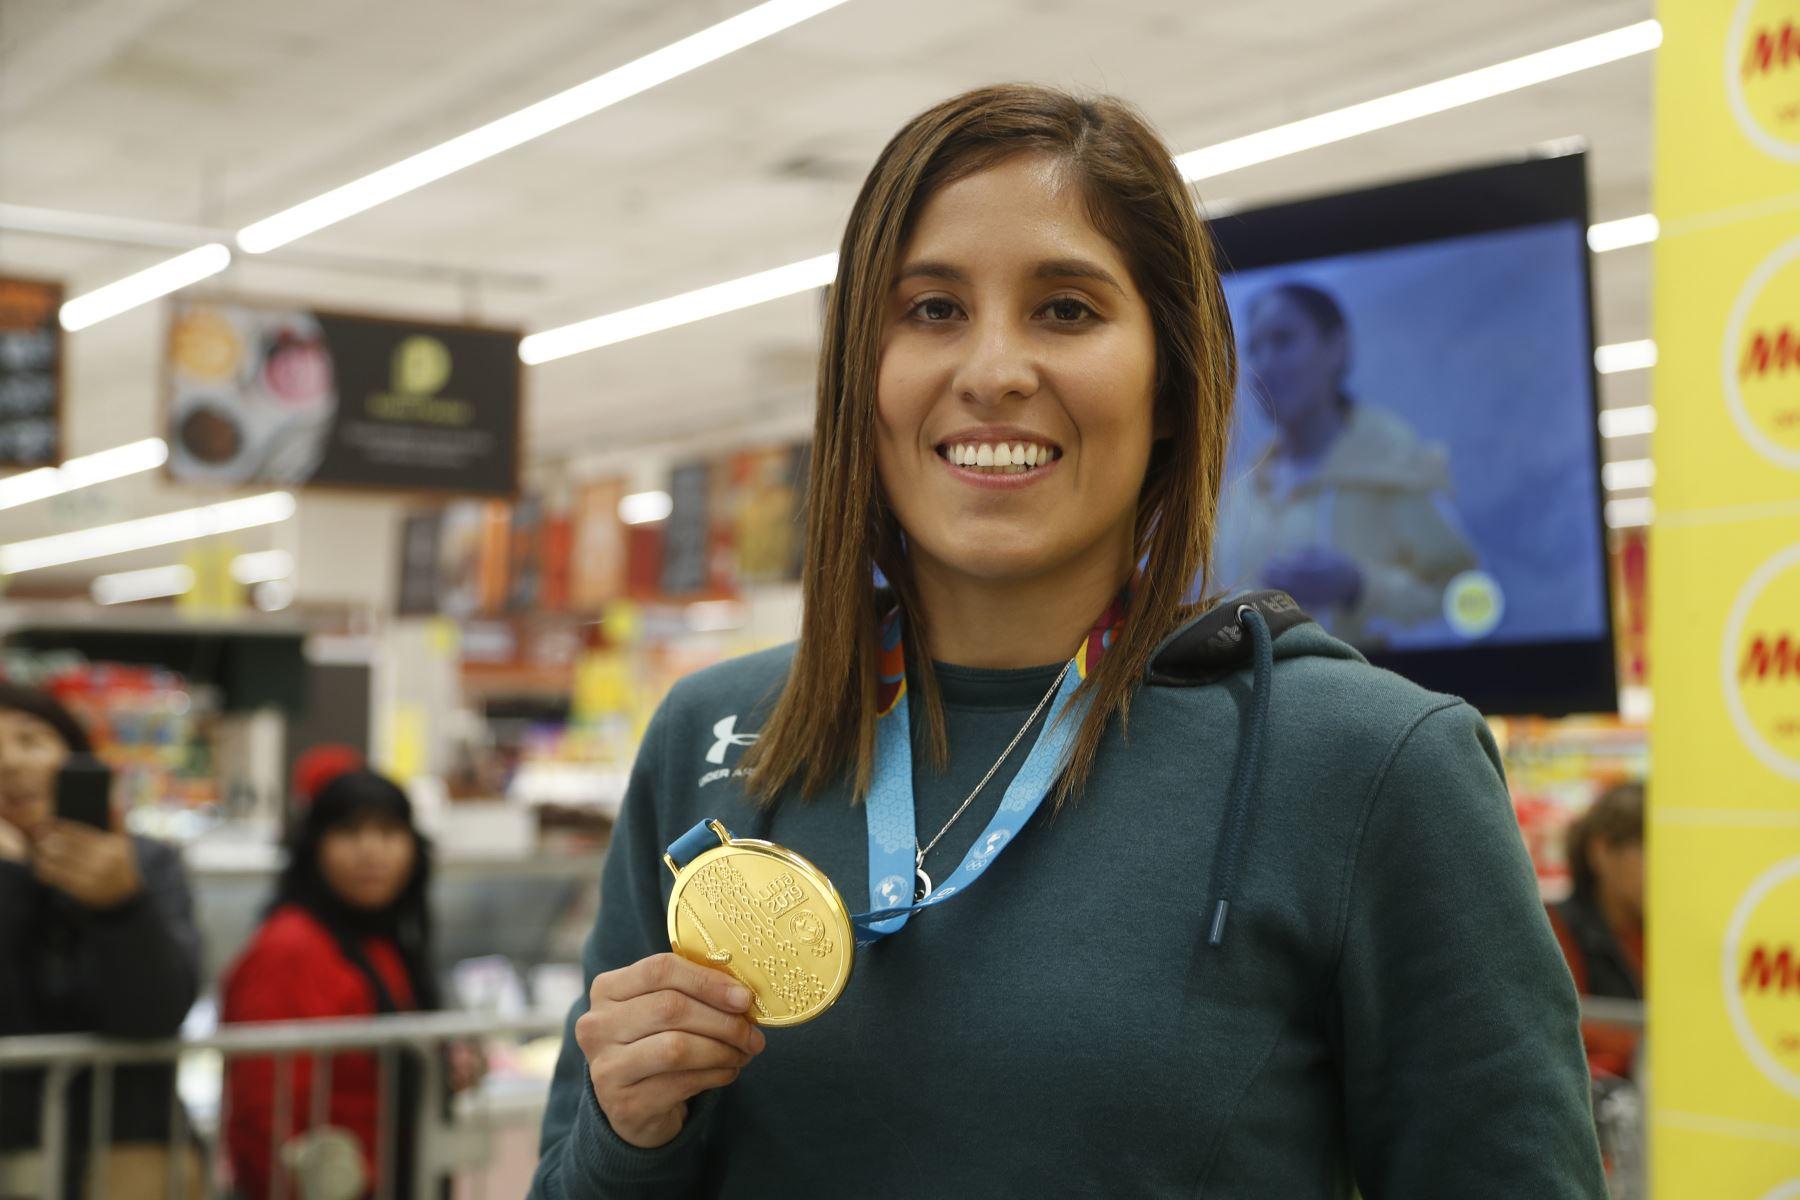 Alexandra Vanessa Grande Risco, deportista peruana de la especialidad de Karate. Fue medalla de oro en los Juegos Panamericanos de Lima 2019. Foto: ANDINA/Josue Ramos